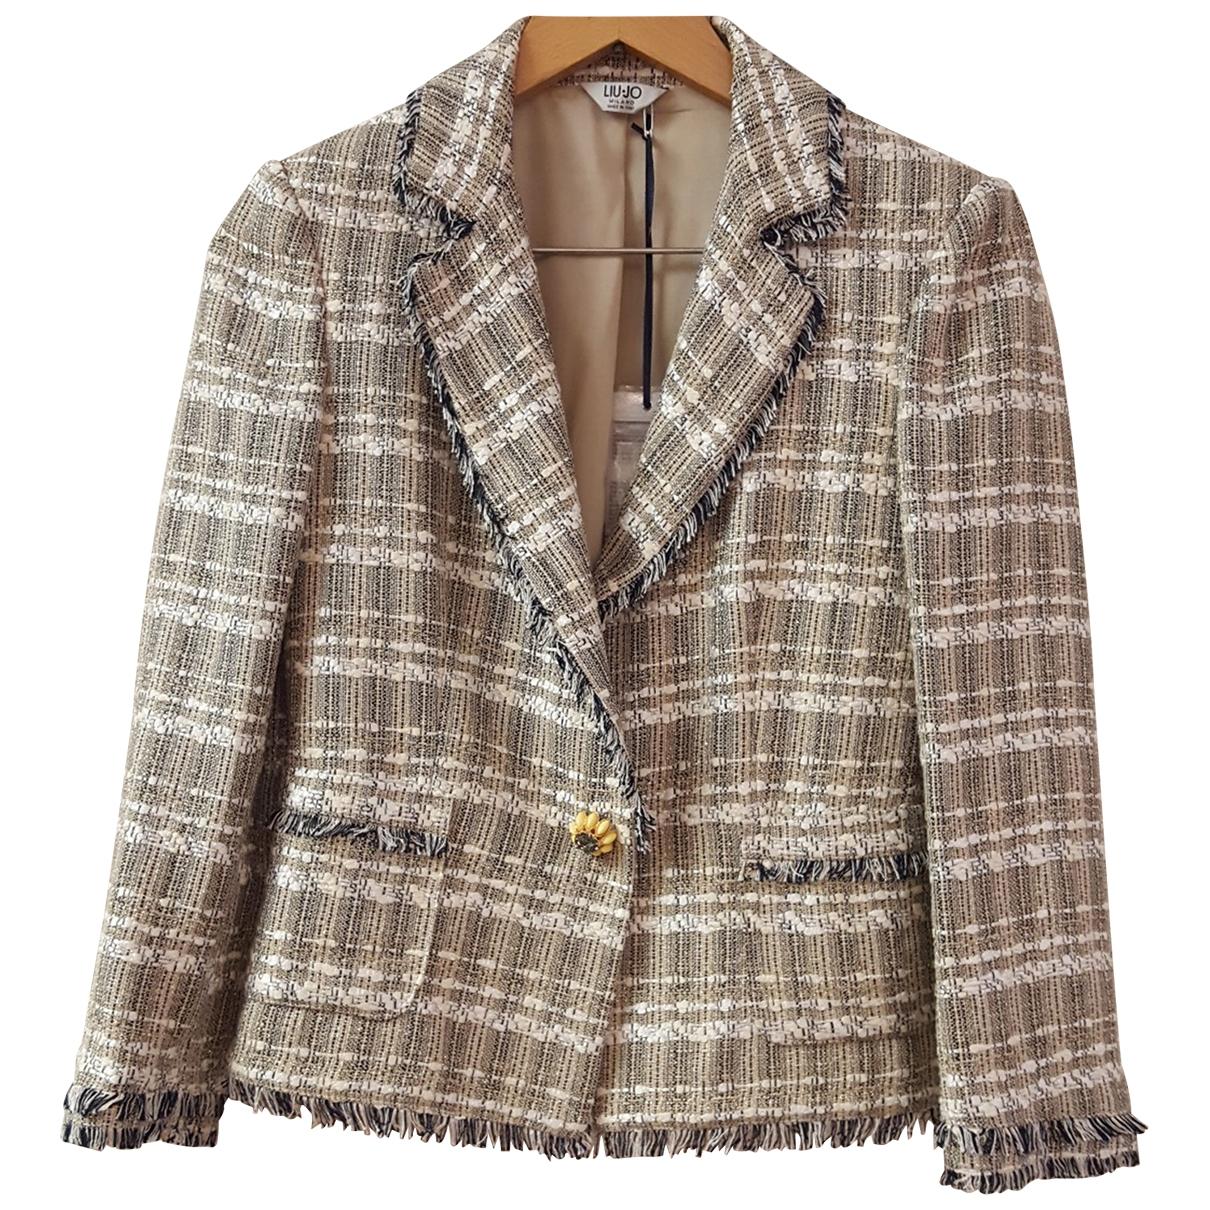 Liu.jo \N Multicolour jacket for Women 40 IT